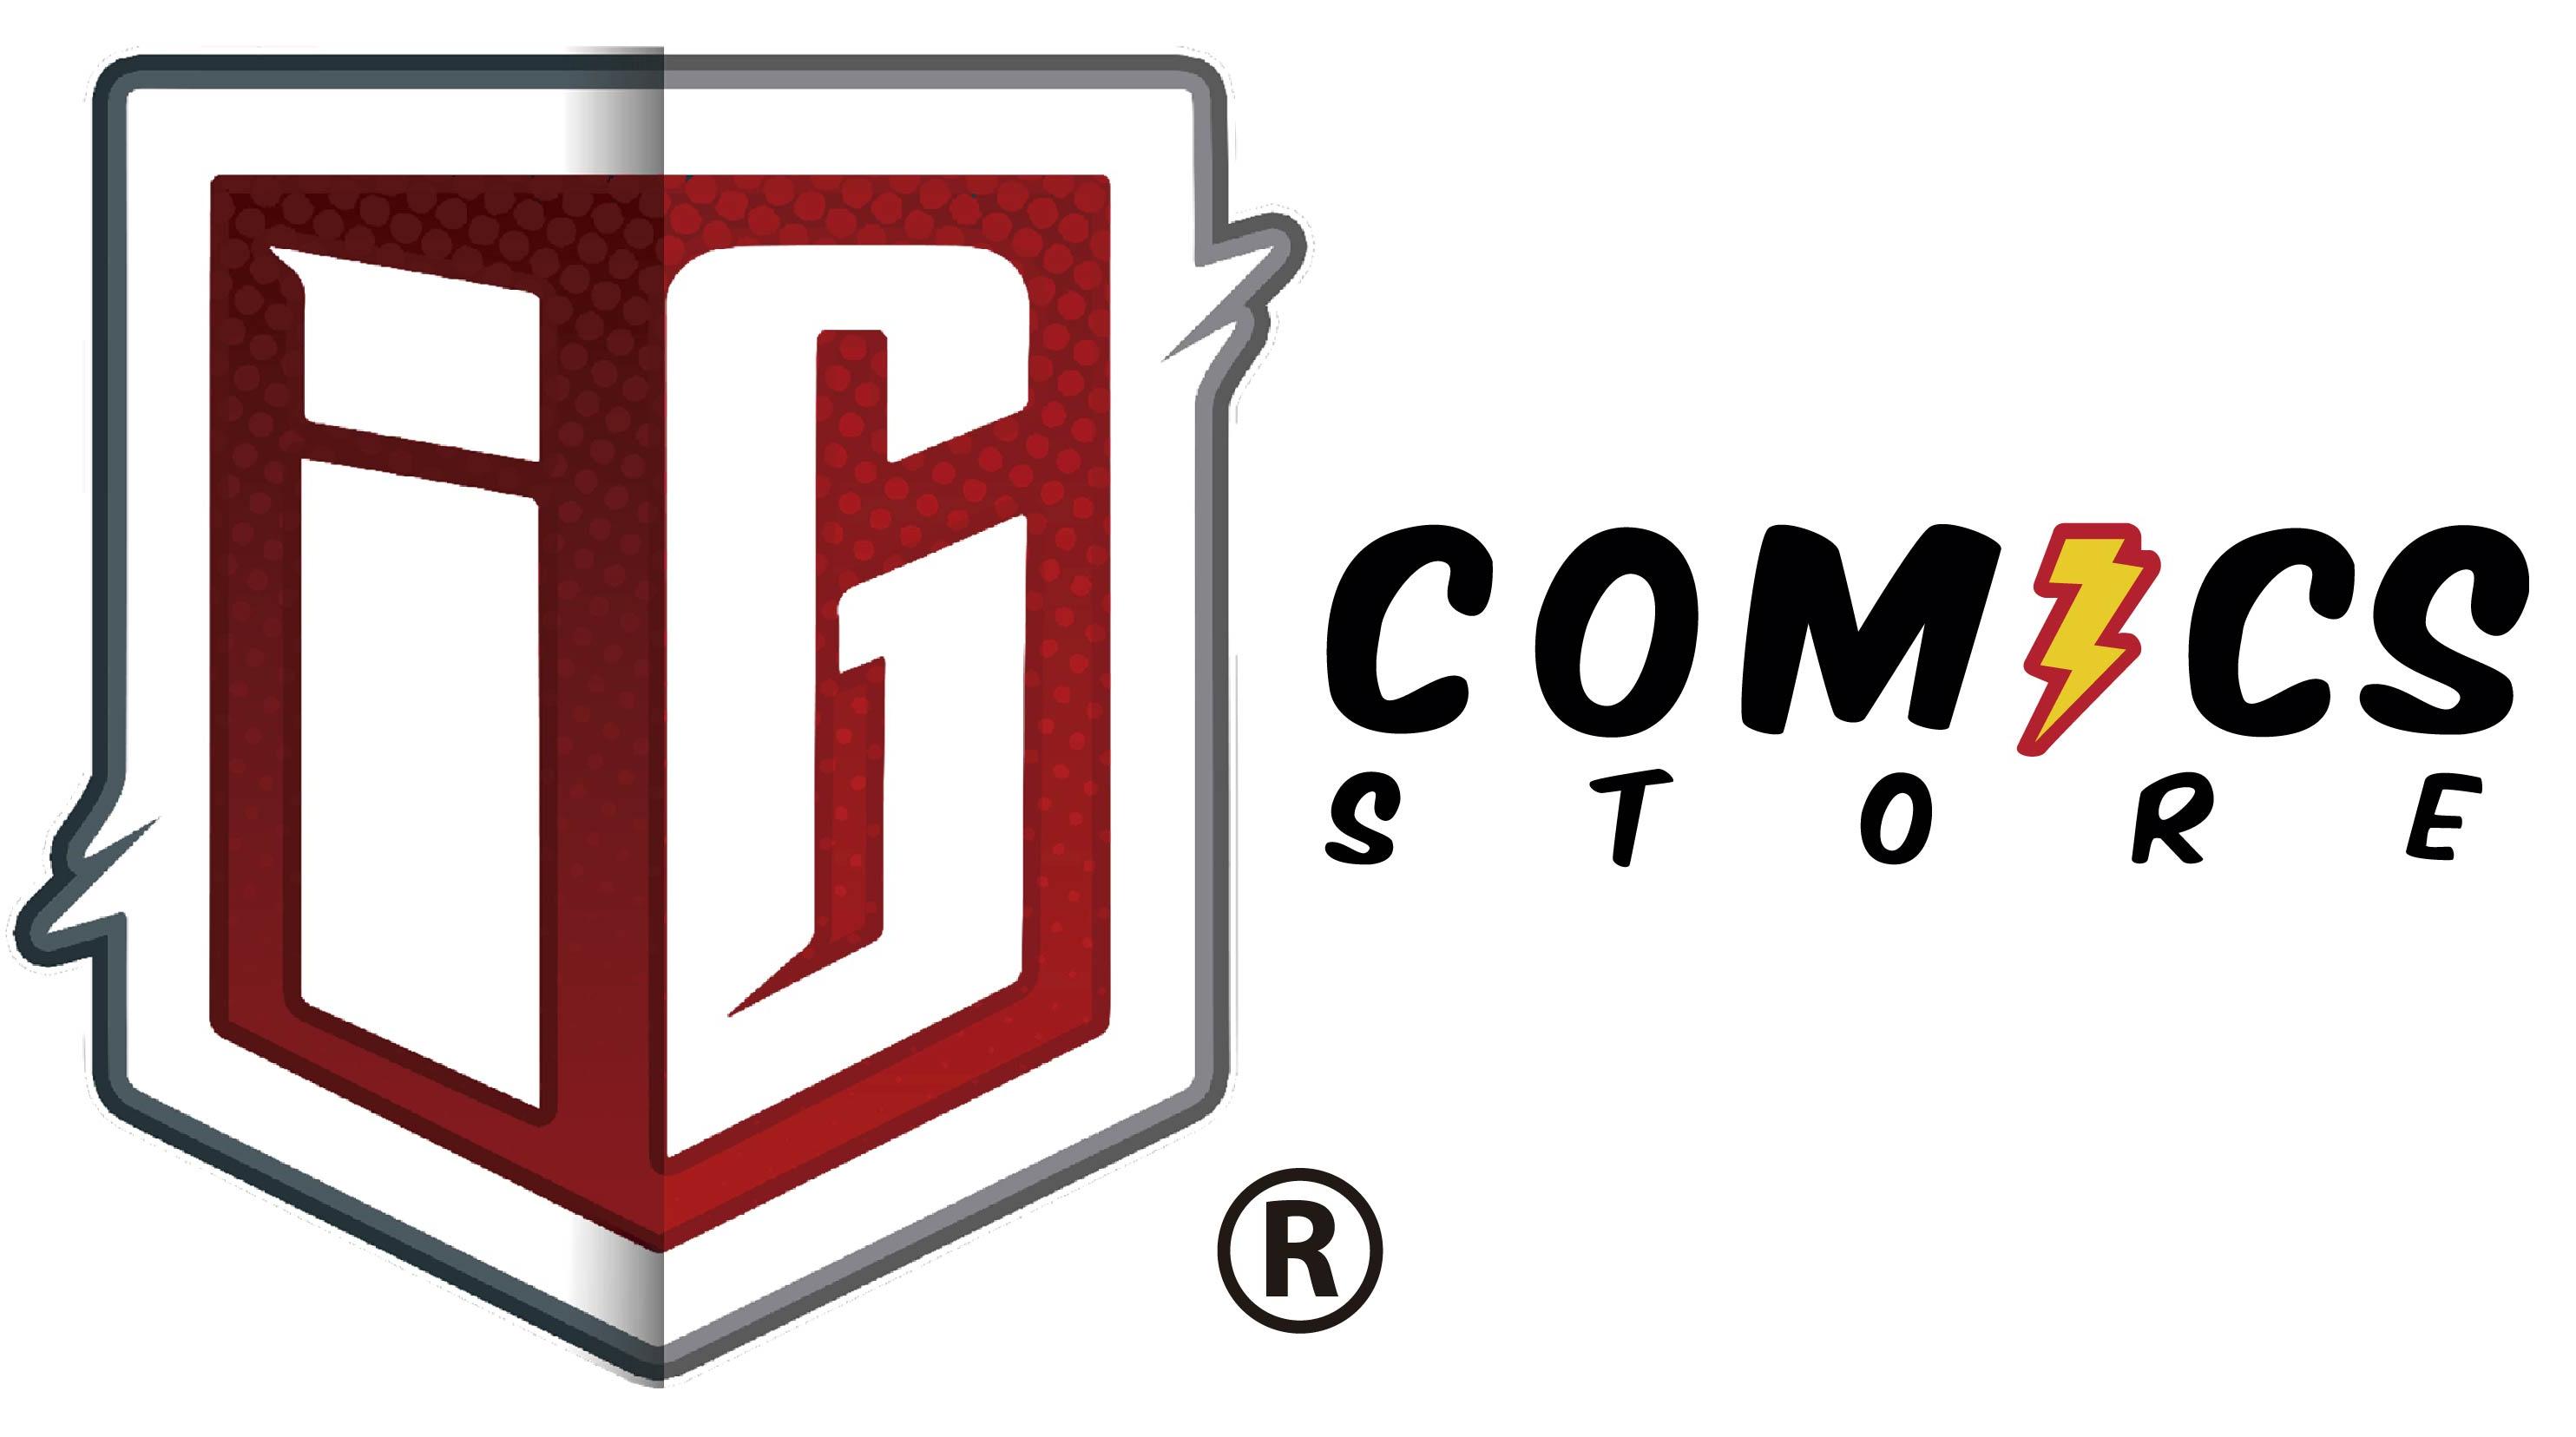 IG Comics